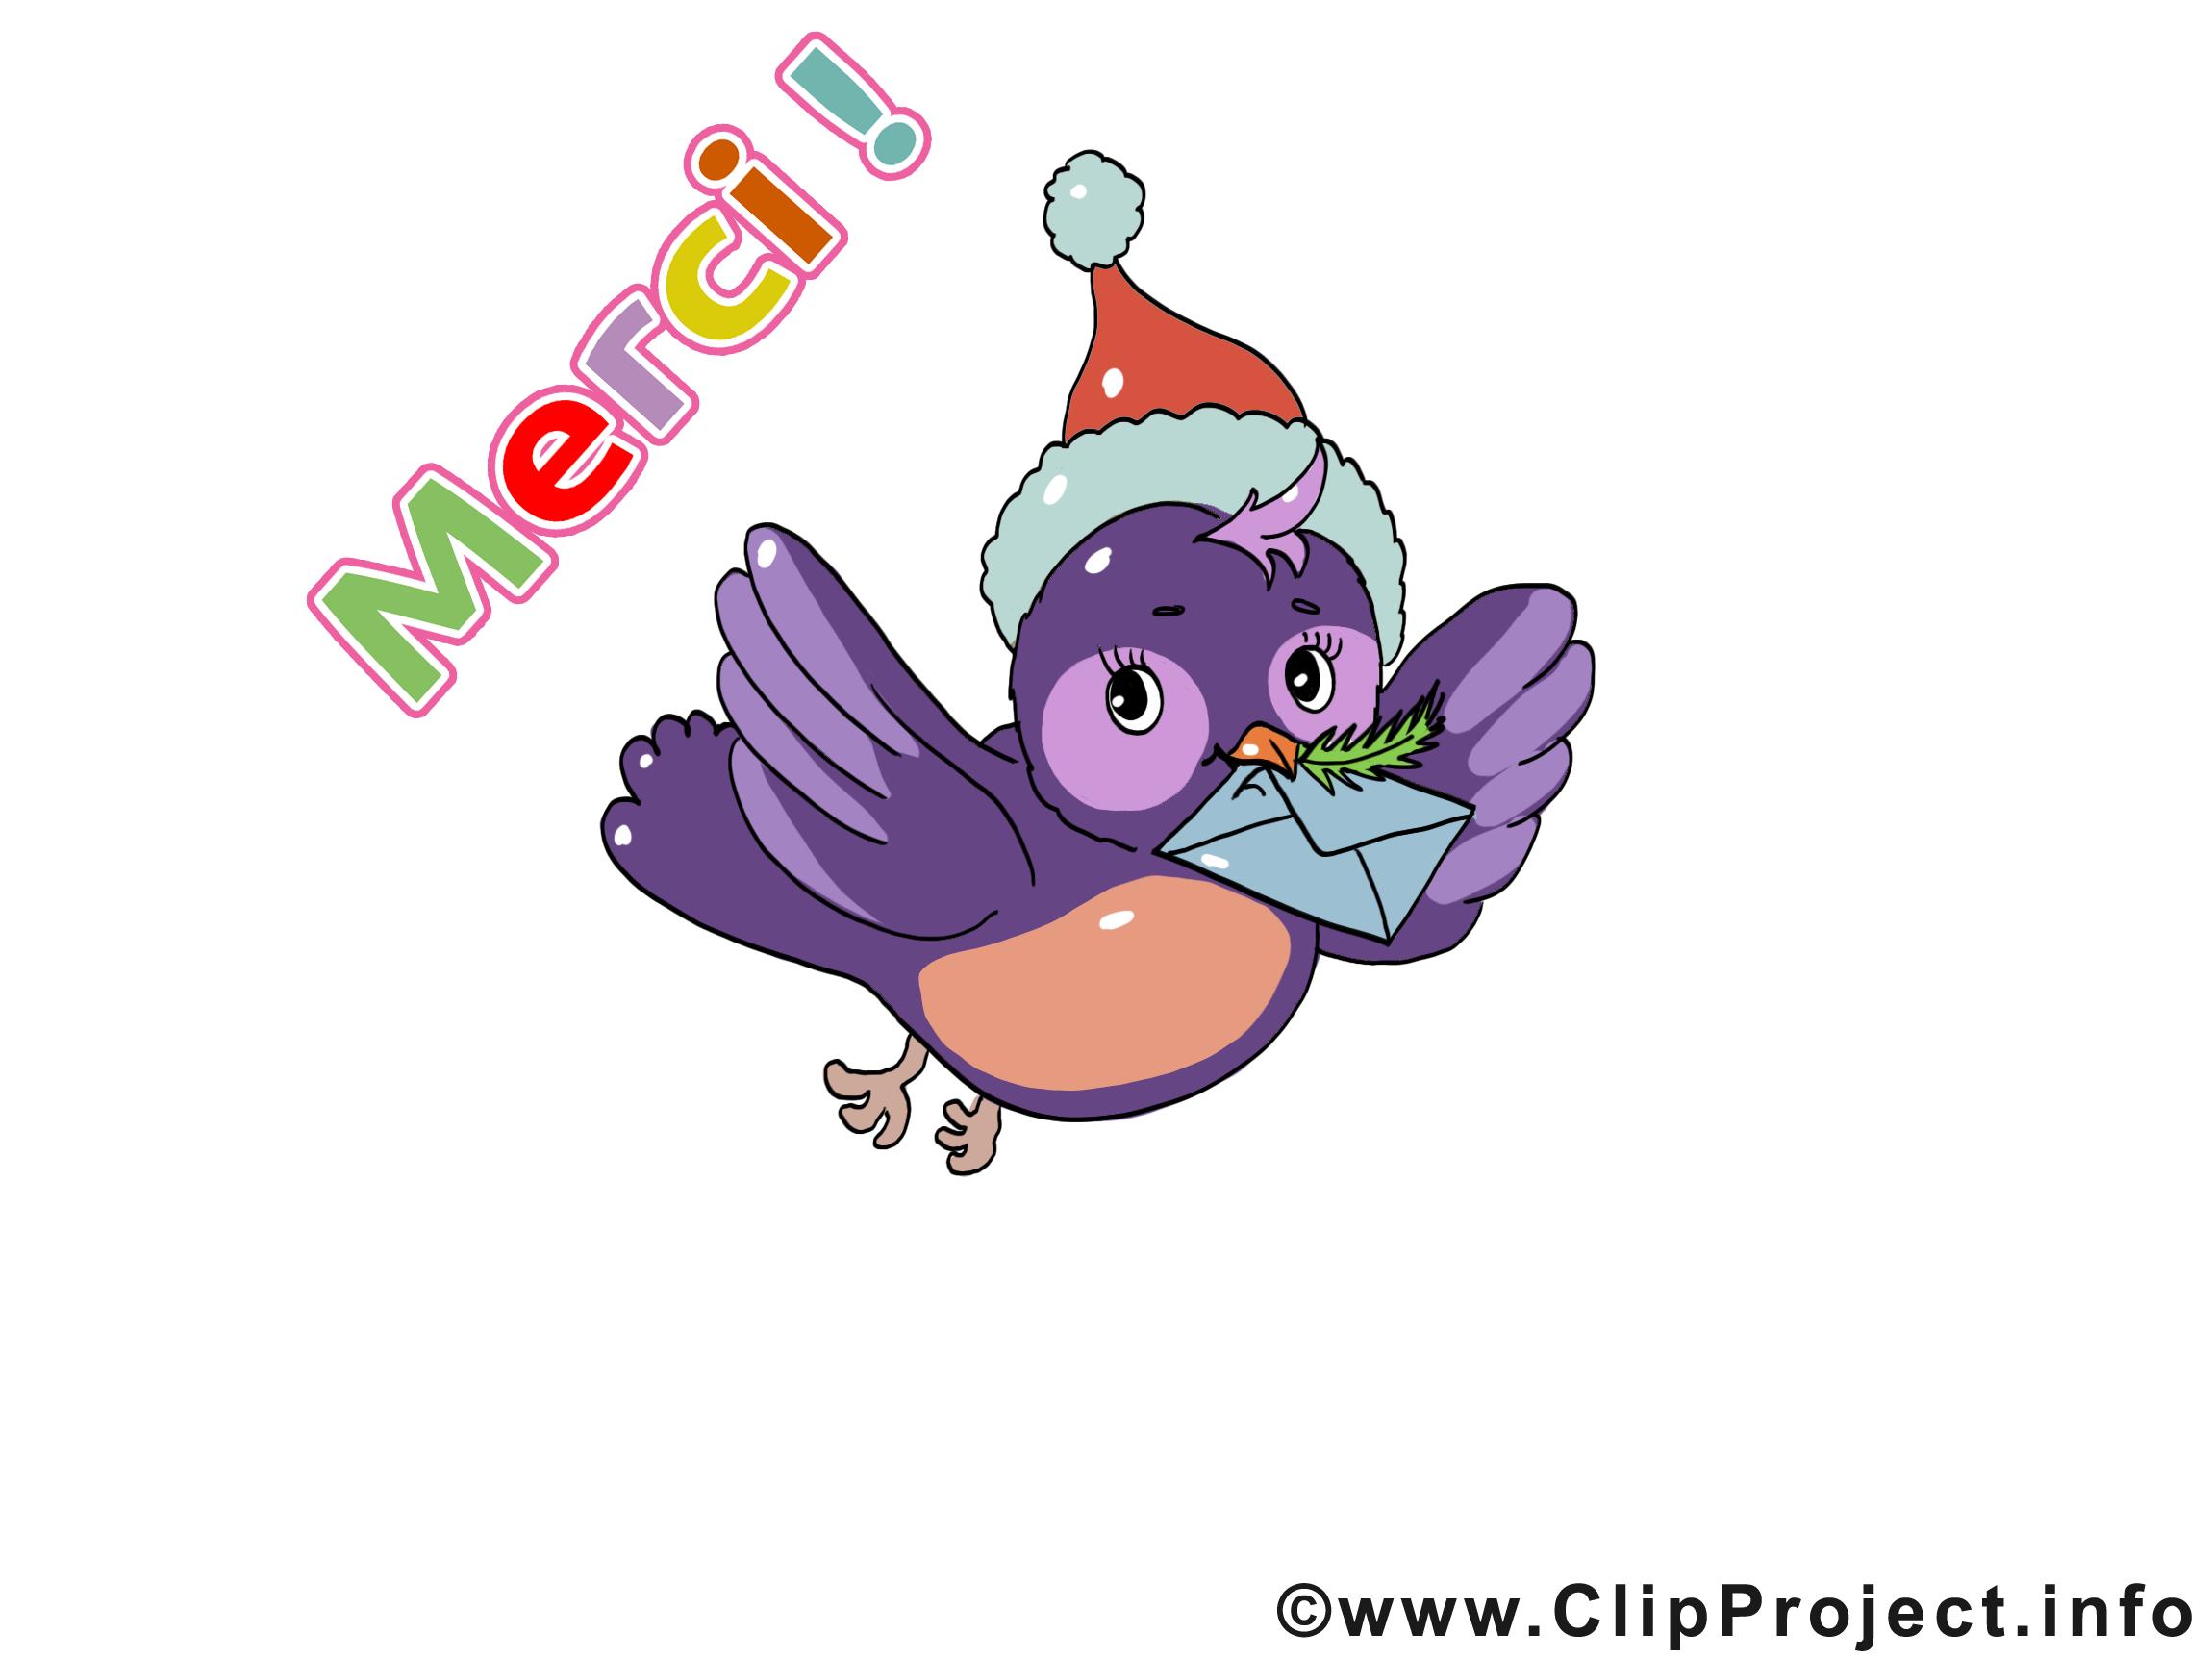 Oiseau Images Gratuites – Merci Clipart - Merci Dessin avec Images D Oiseaux Gratuites